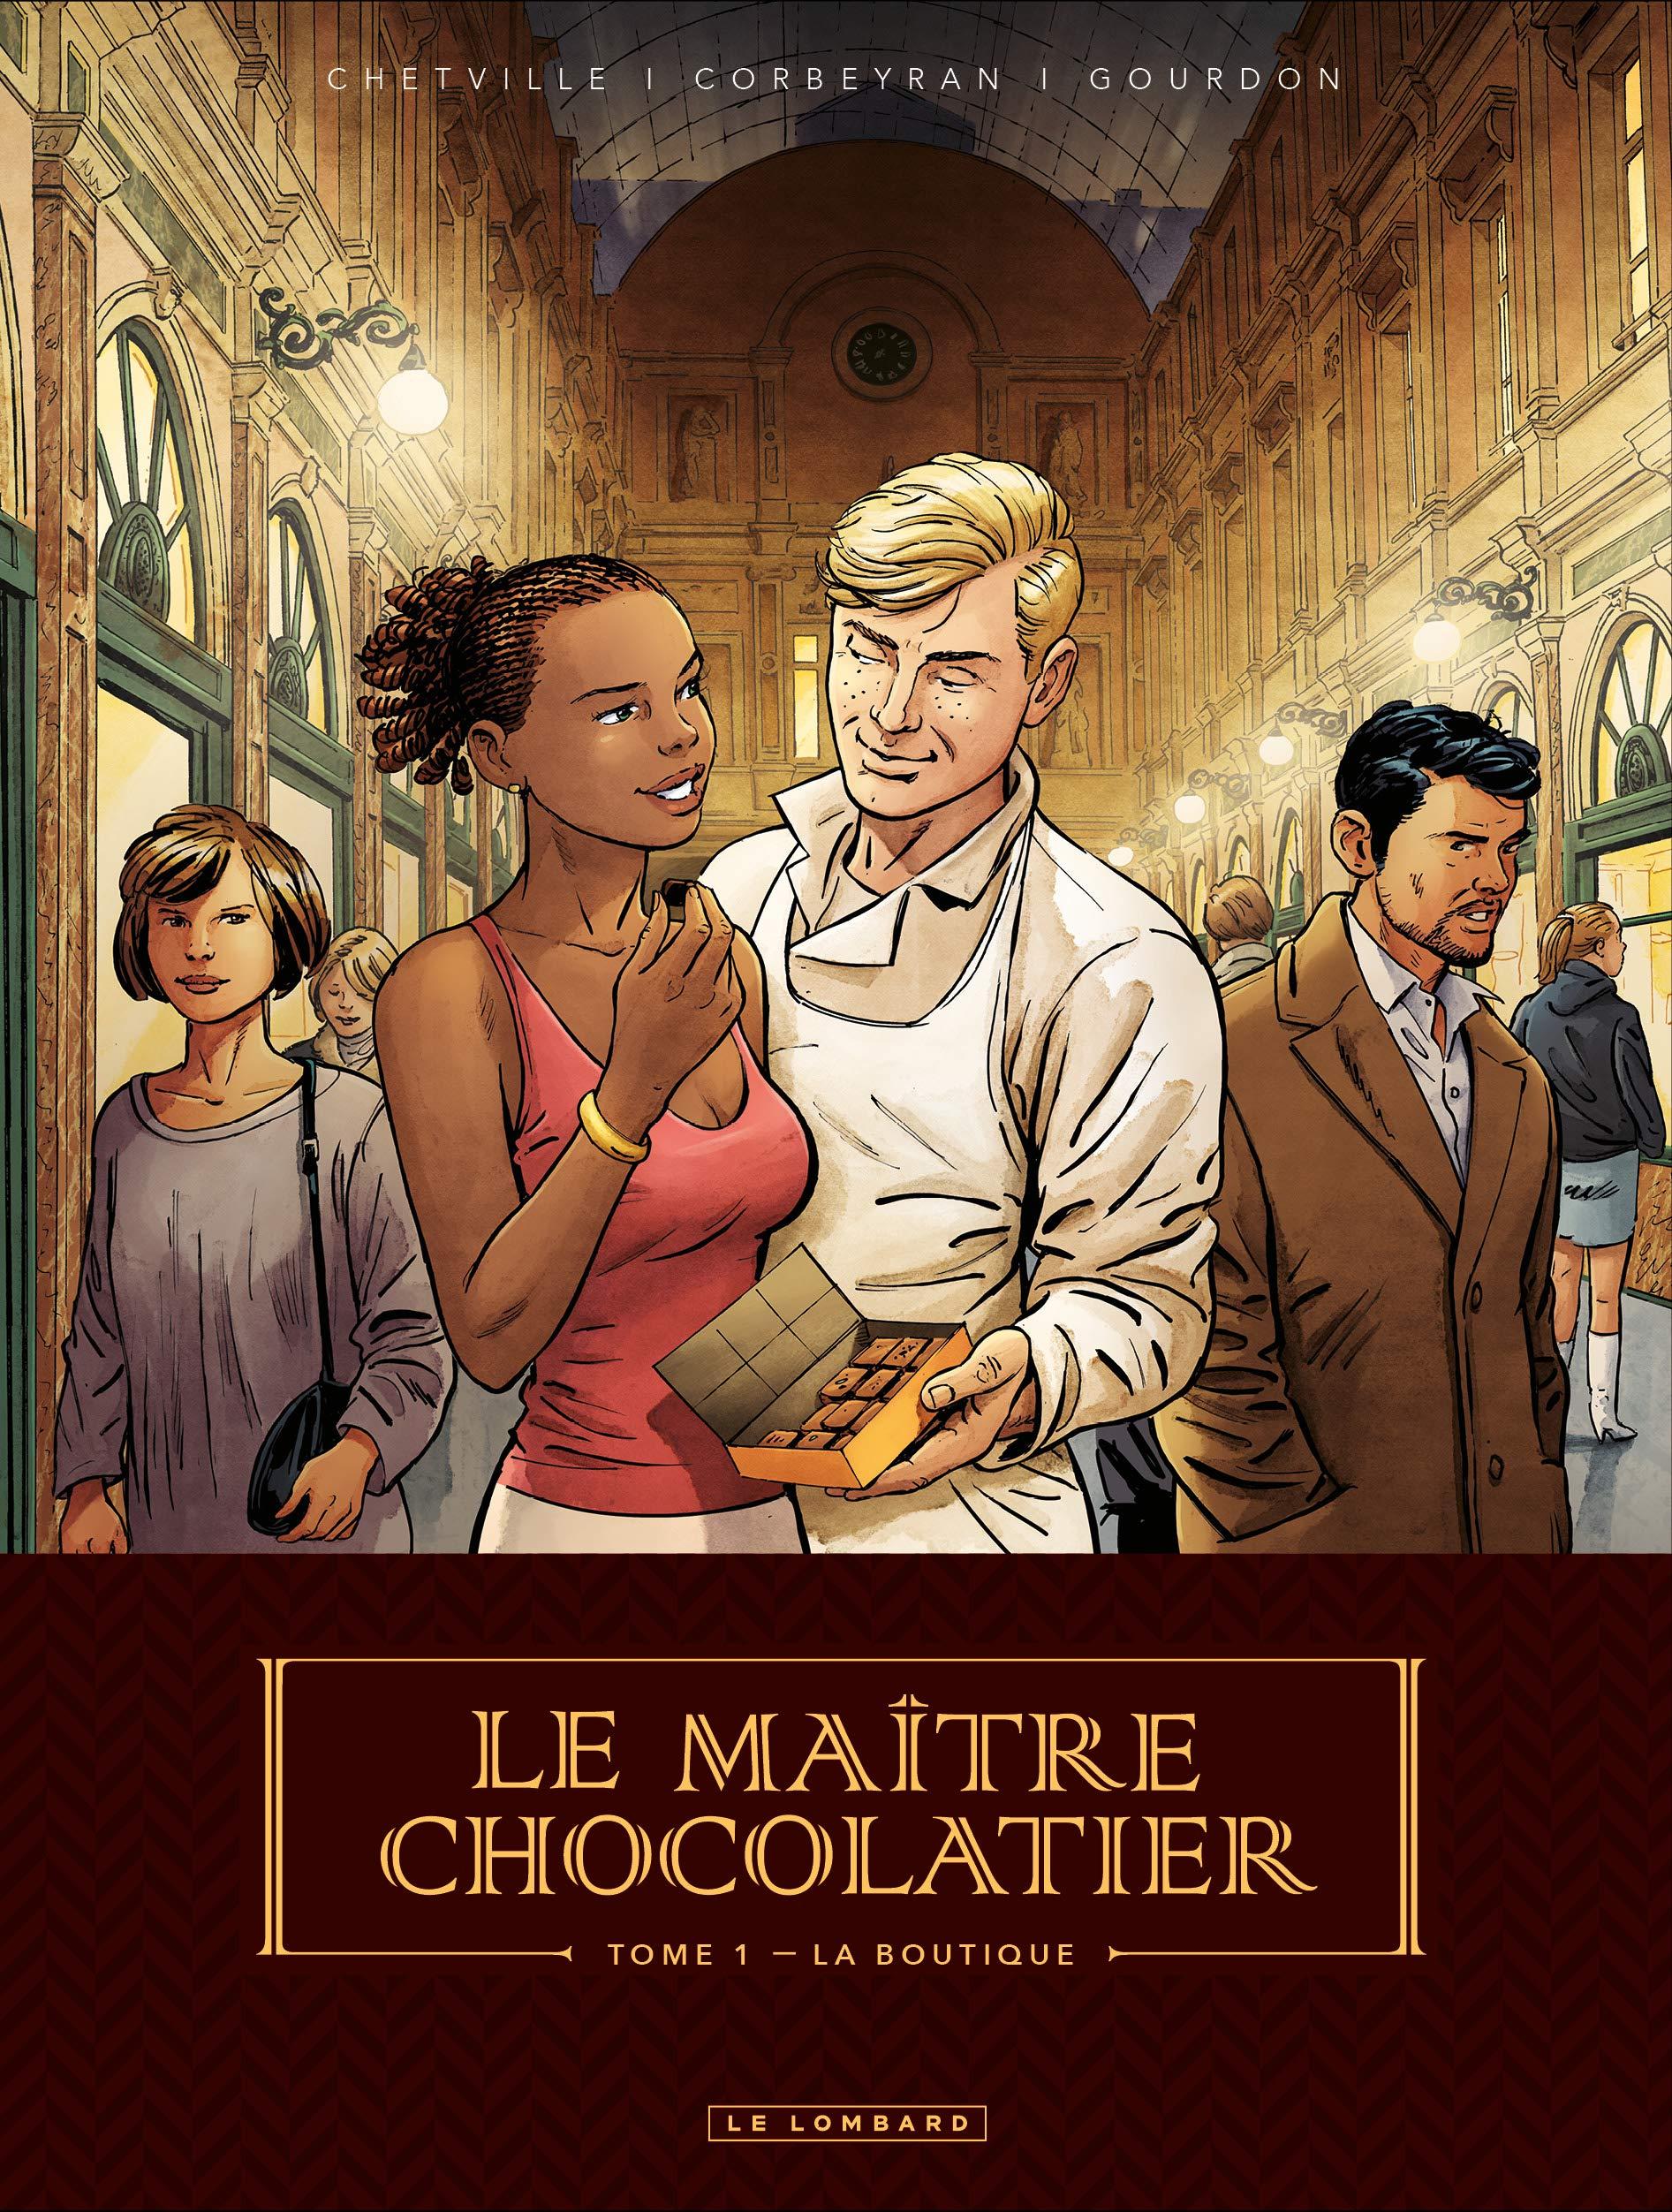 Le Maître Chocolatier 1 - La boutique